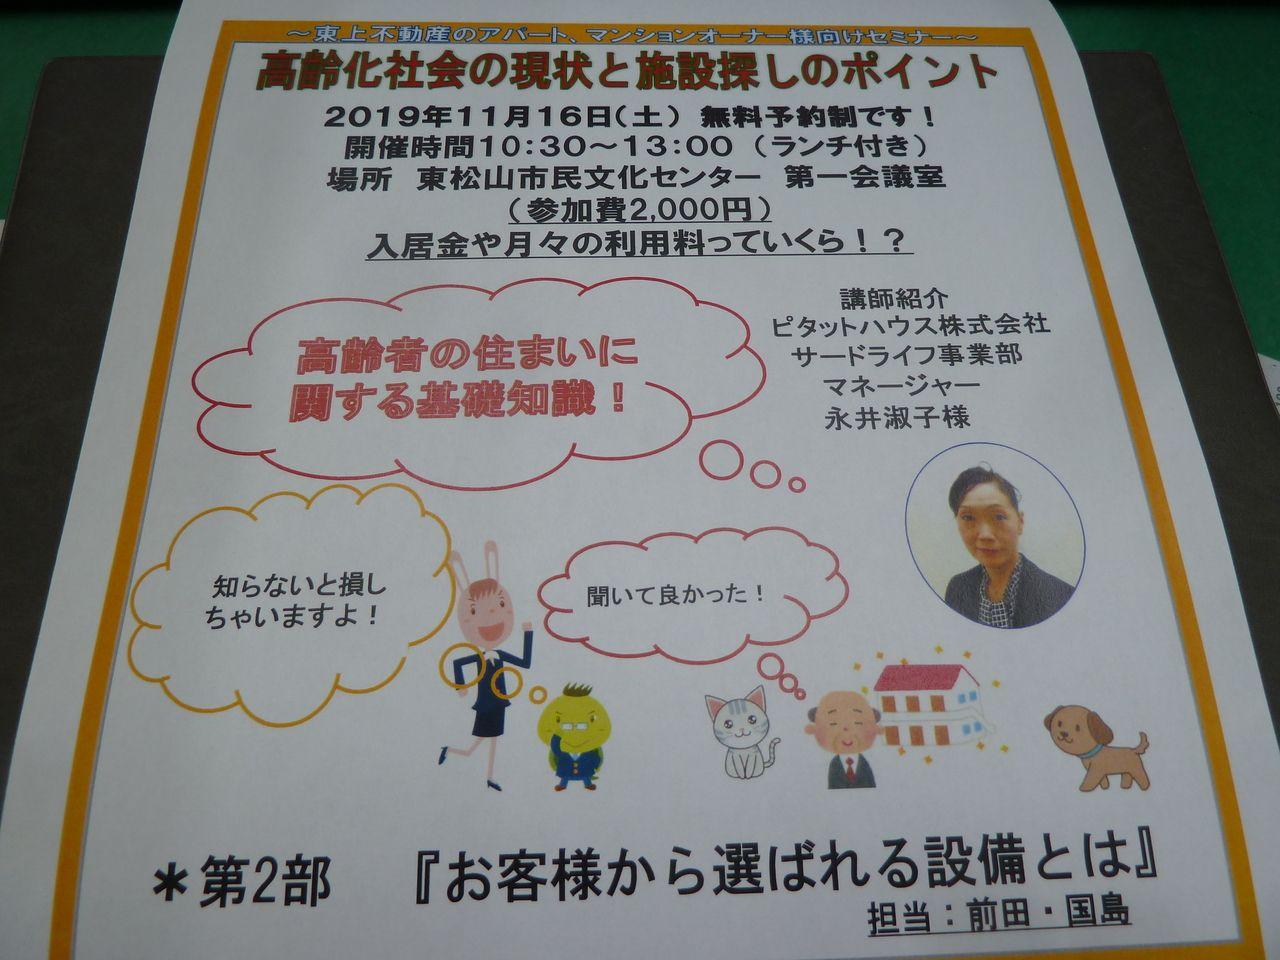 第112回、松桜会セミナー開催します!